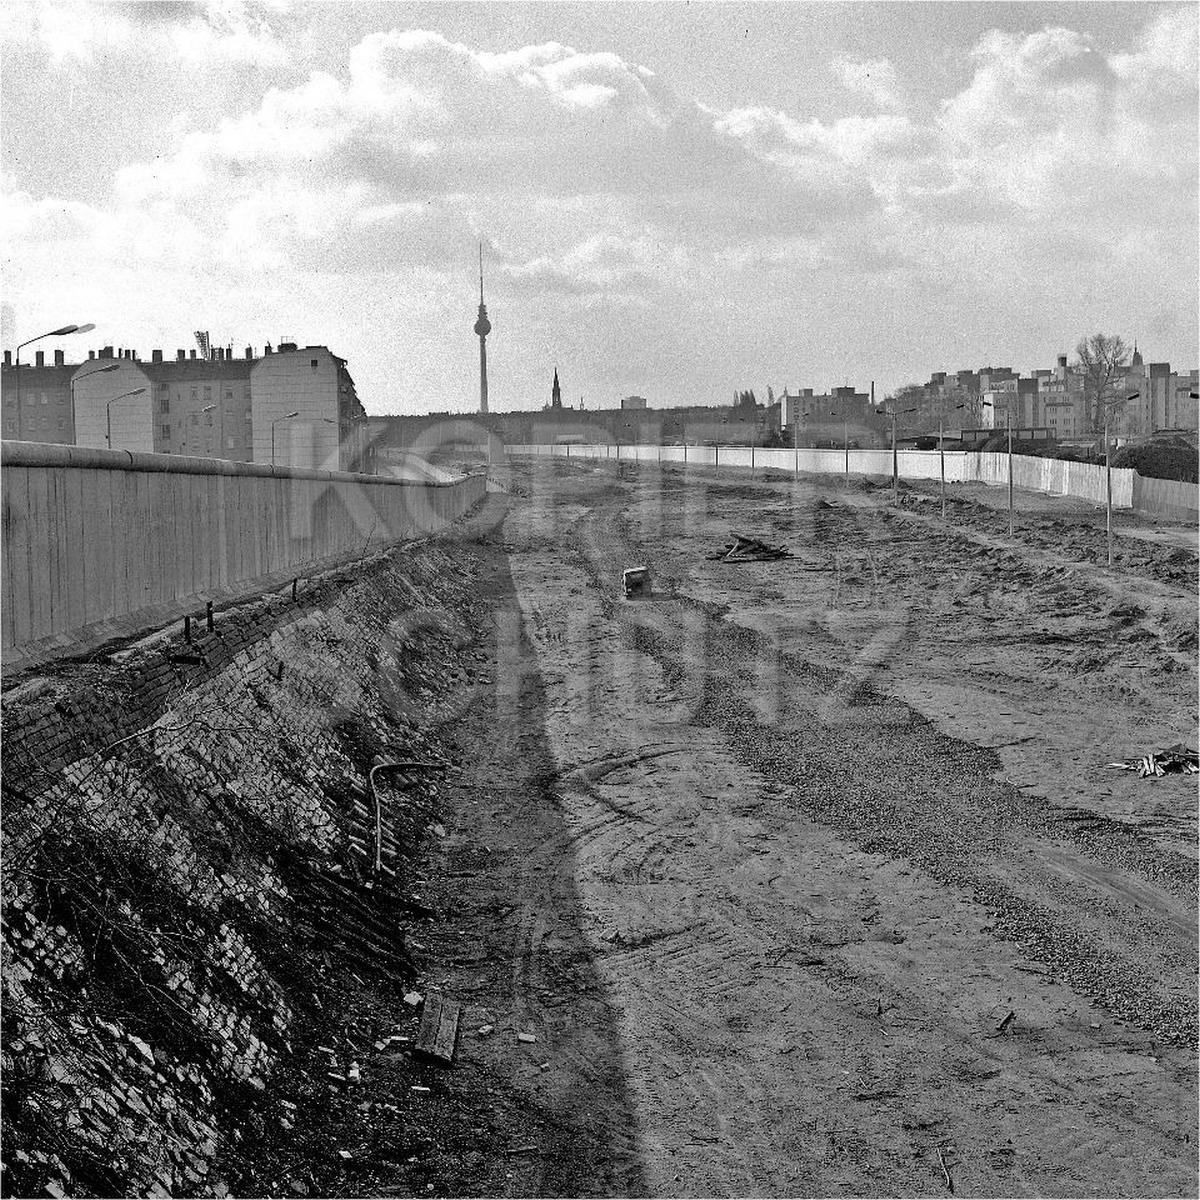 Nr03-97_2.4.1990-Norwegerstr-Helmut-Just-Str-